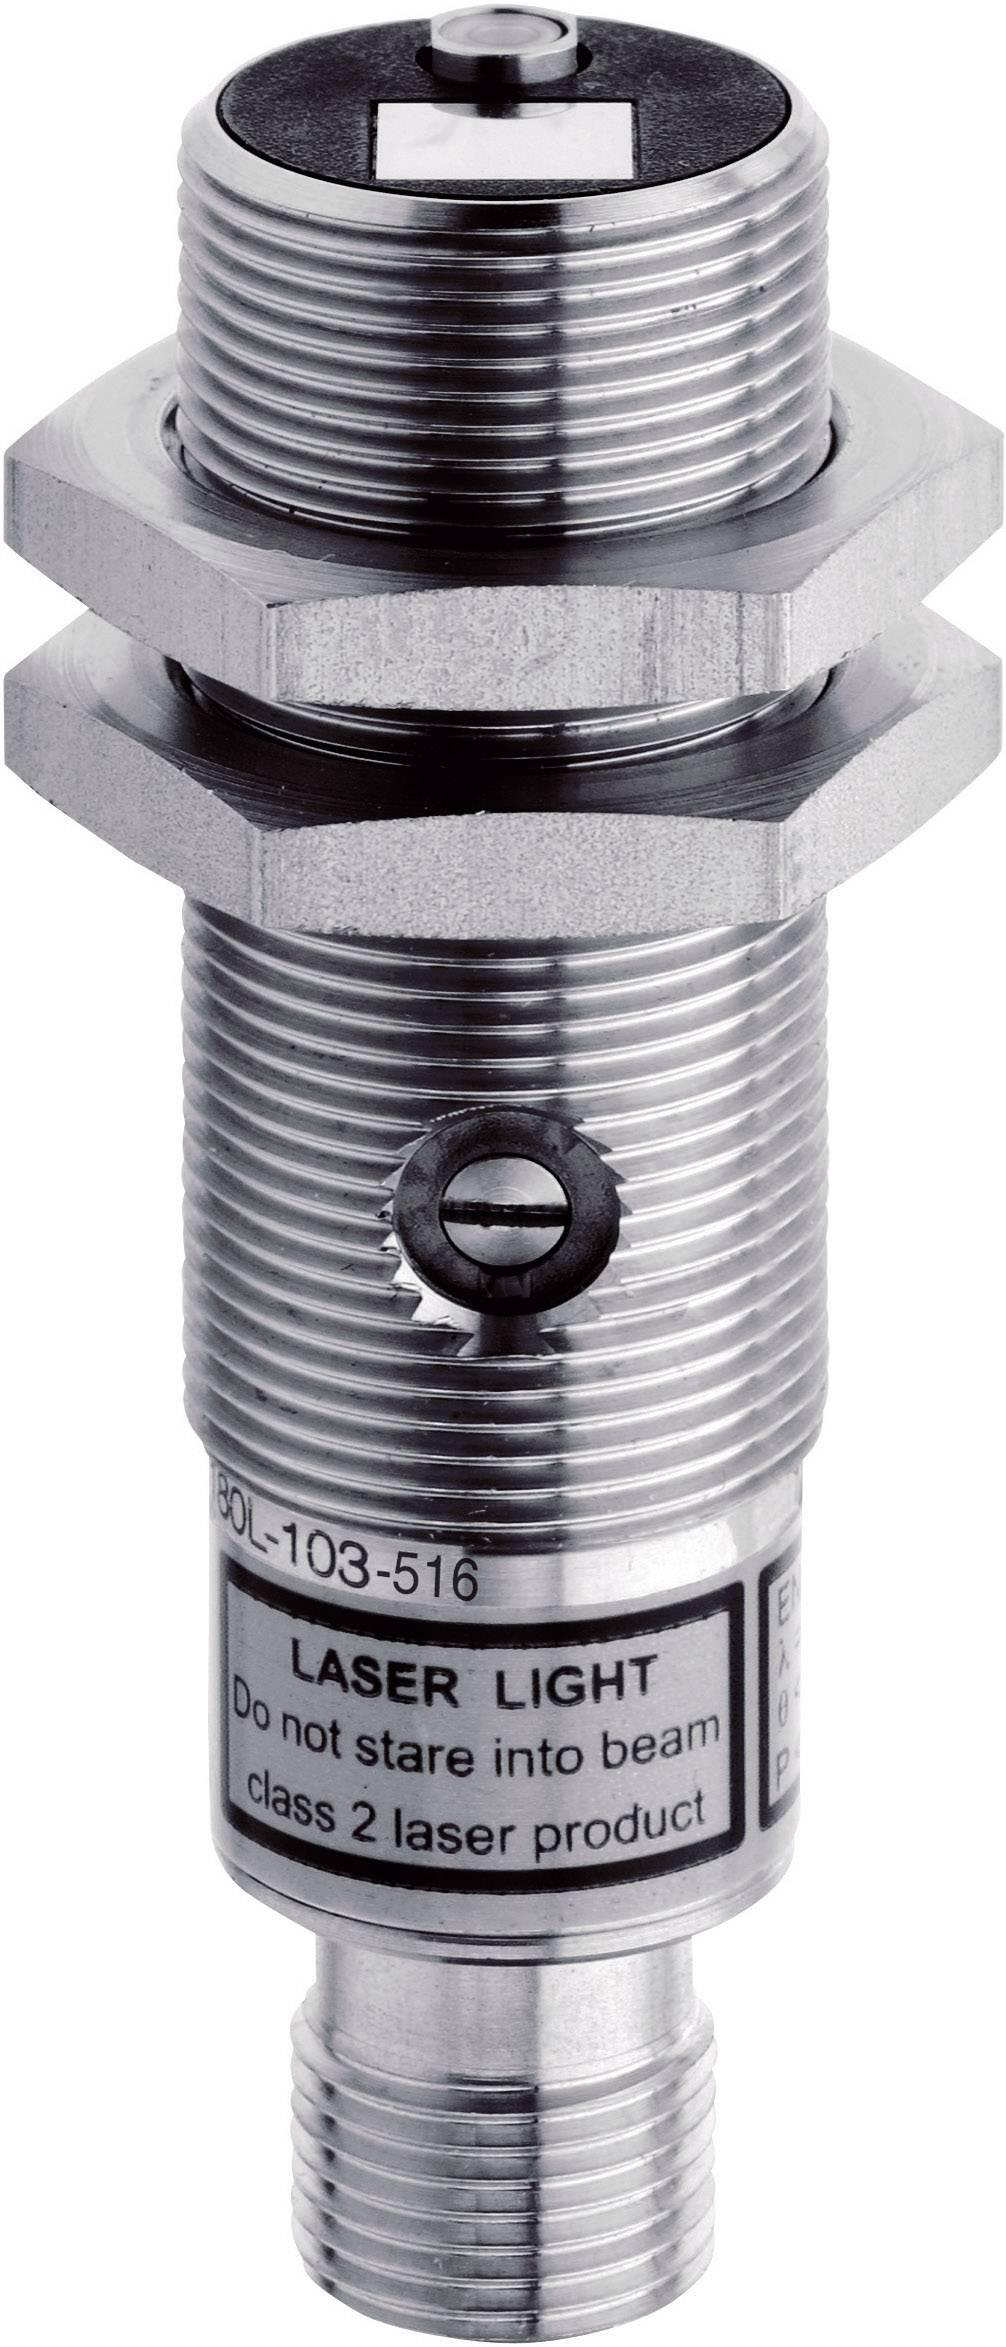 Contrinex LTS-1180L-103-516